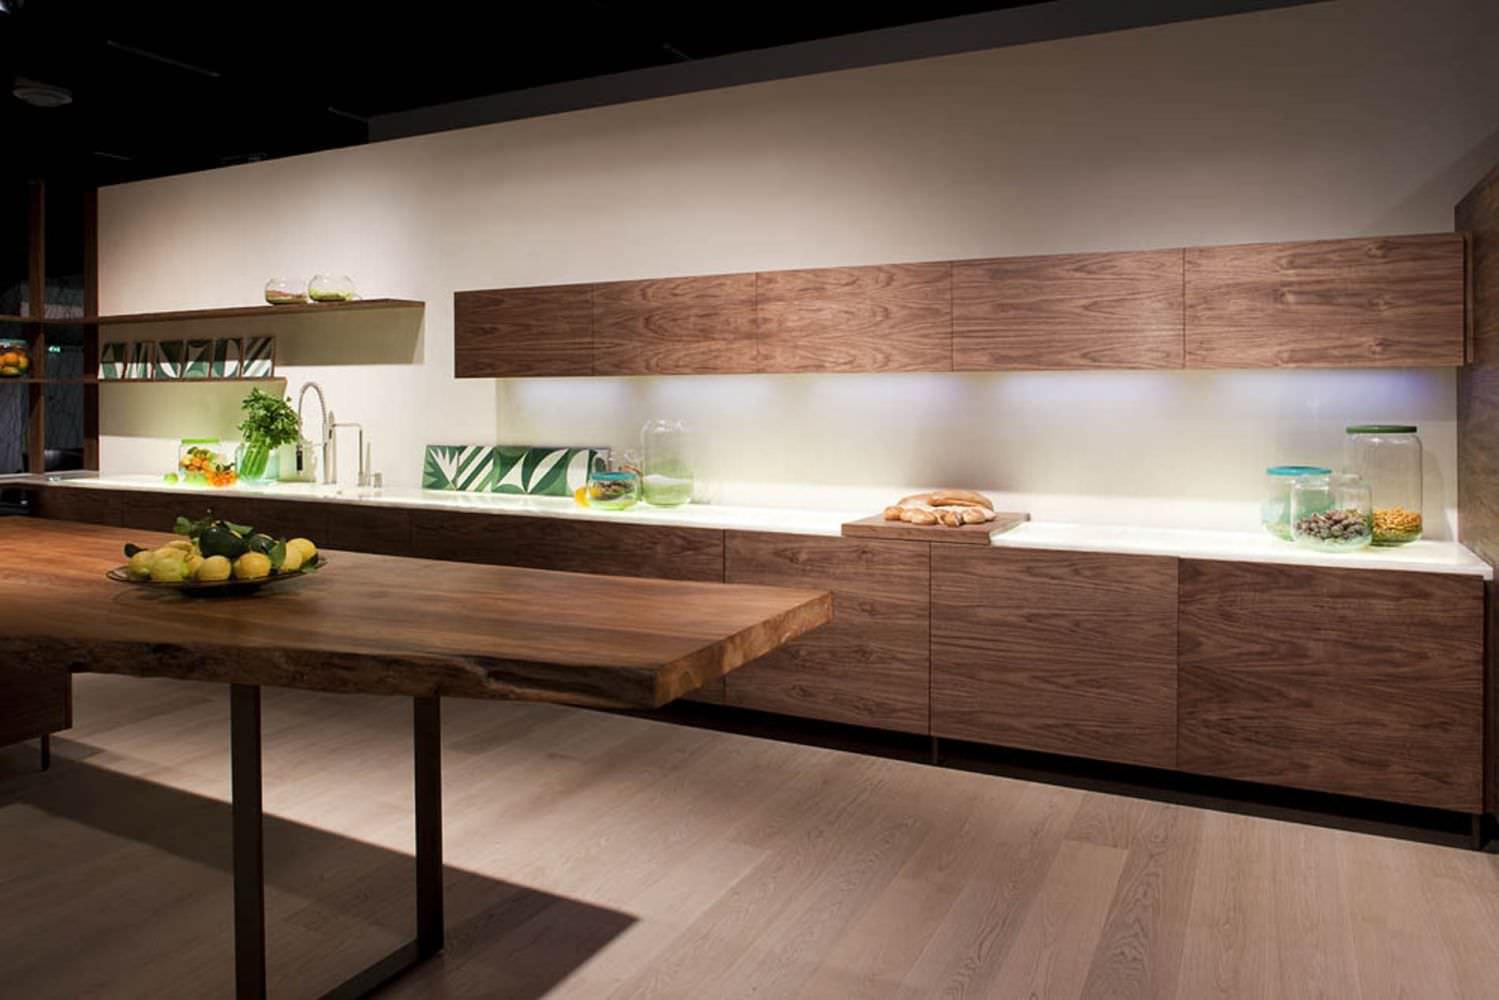 Cucina moderna / in legno / con isola / senza maniglie - LA CUCINA ...